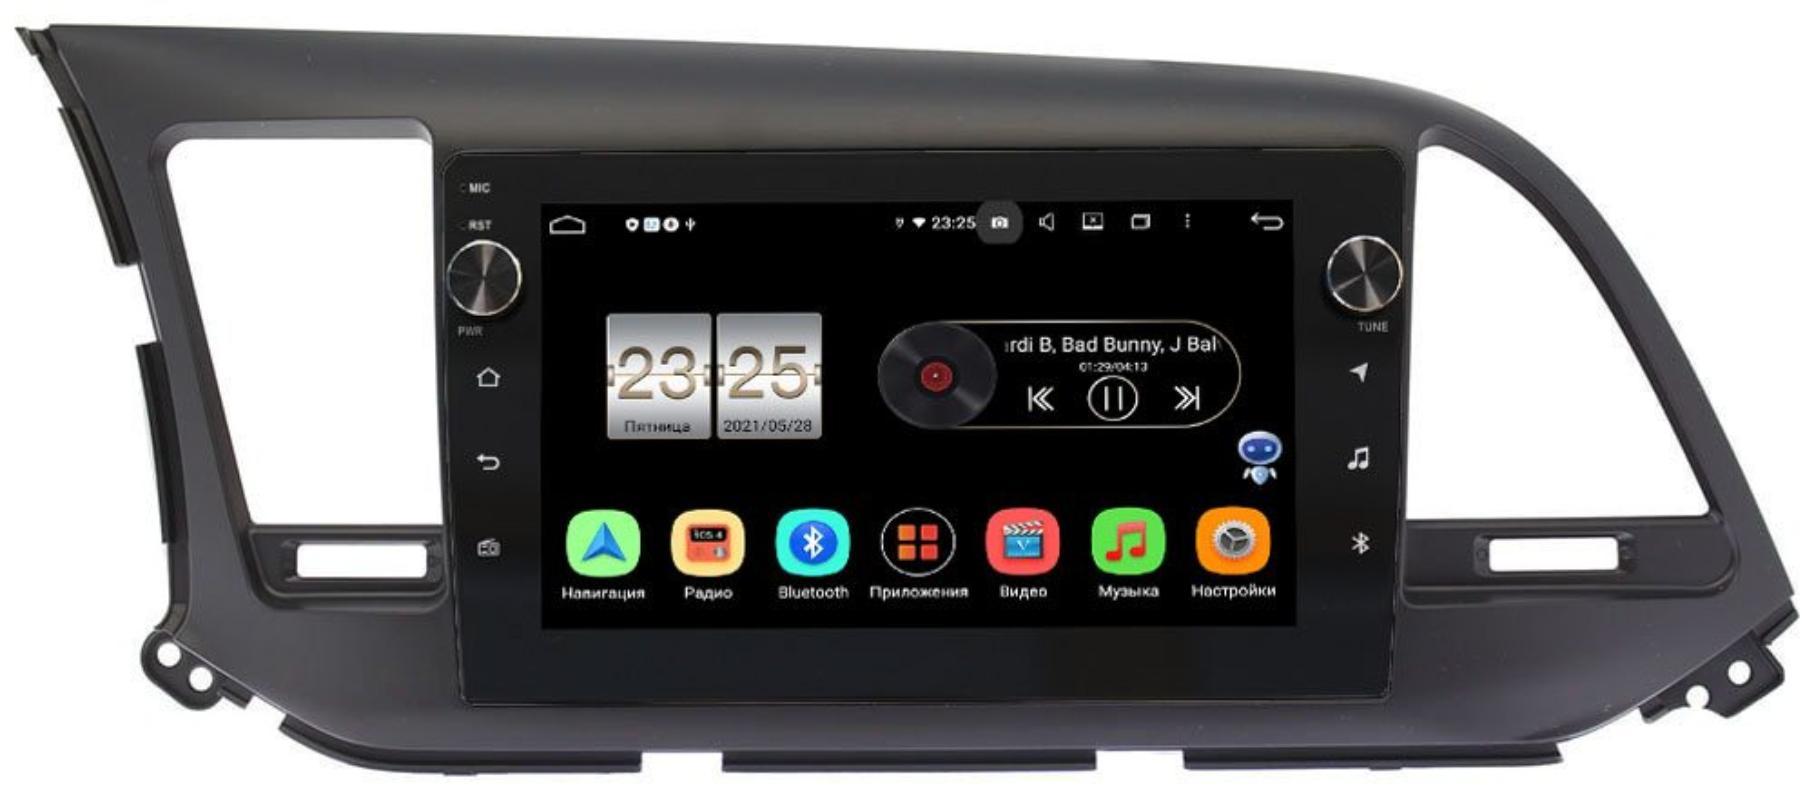 Штатная магнитола Hyundai Elantra VI (AD) 2015-2019 LeTrun BPX409-9025 для авто без камеры на Android 10 (4/32, DSP, IPS, с голосовым ассистентом, с крутилками) (+ Камера заднего вида в подарок!)